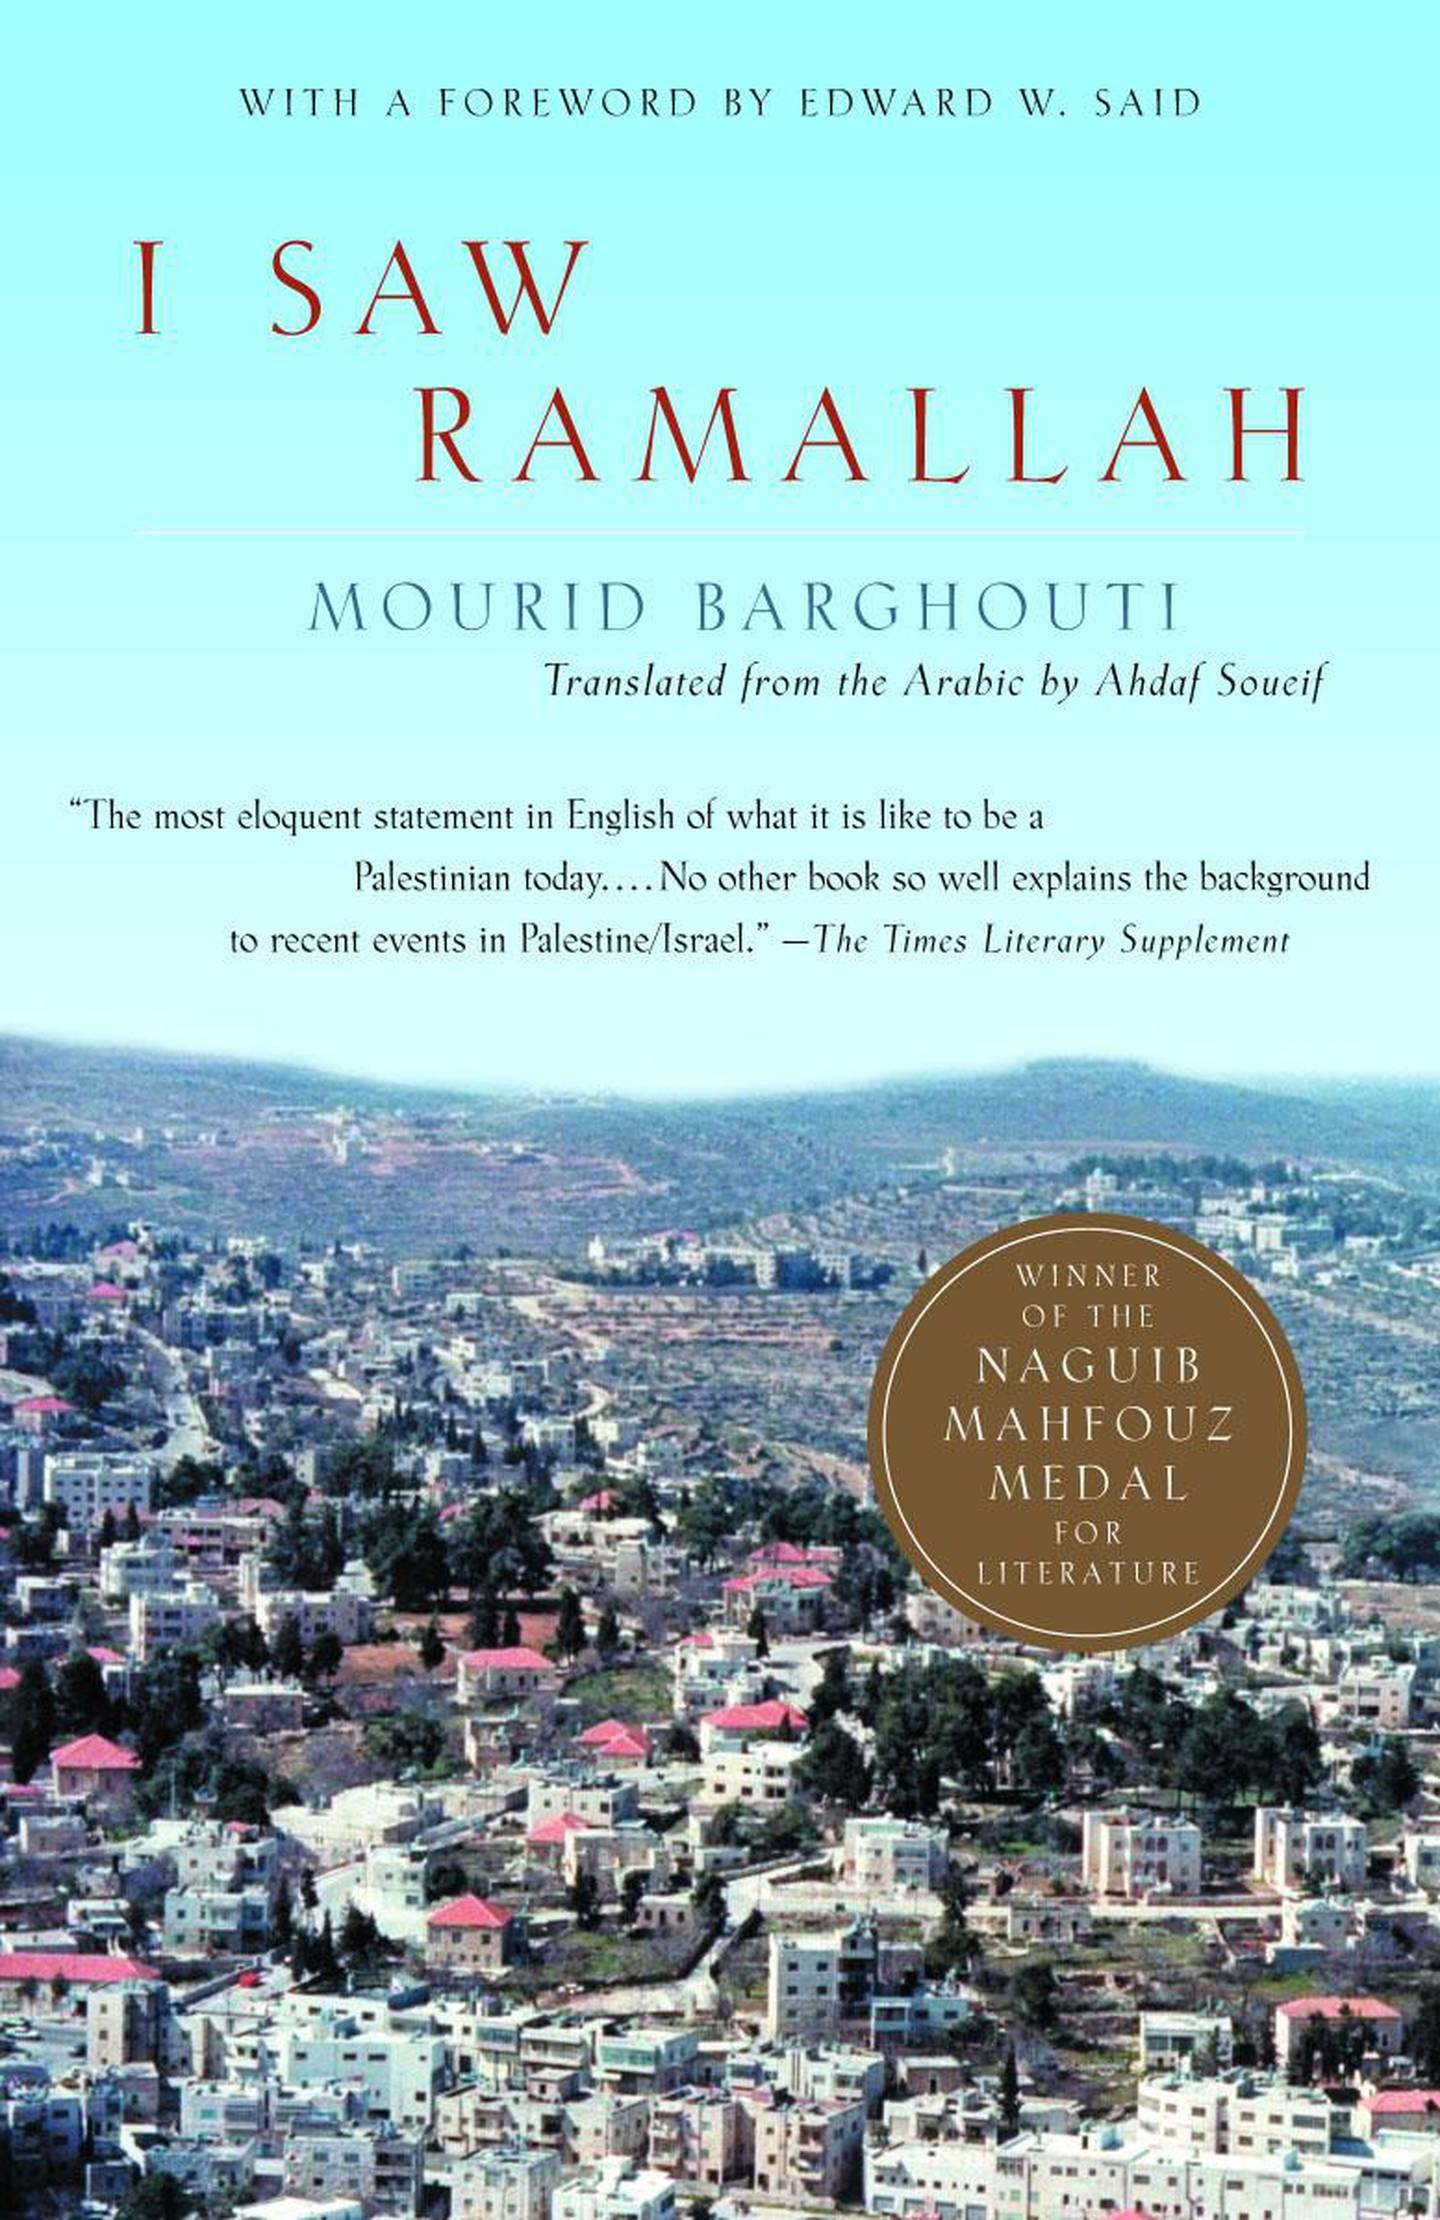 I Saw Ramallah by Mourid Barghouti (2000)